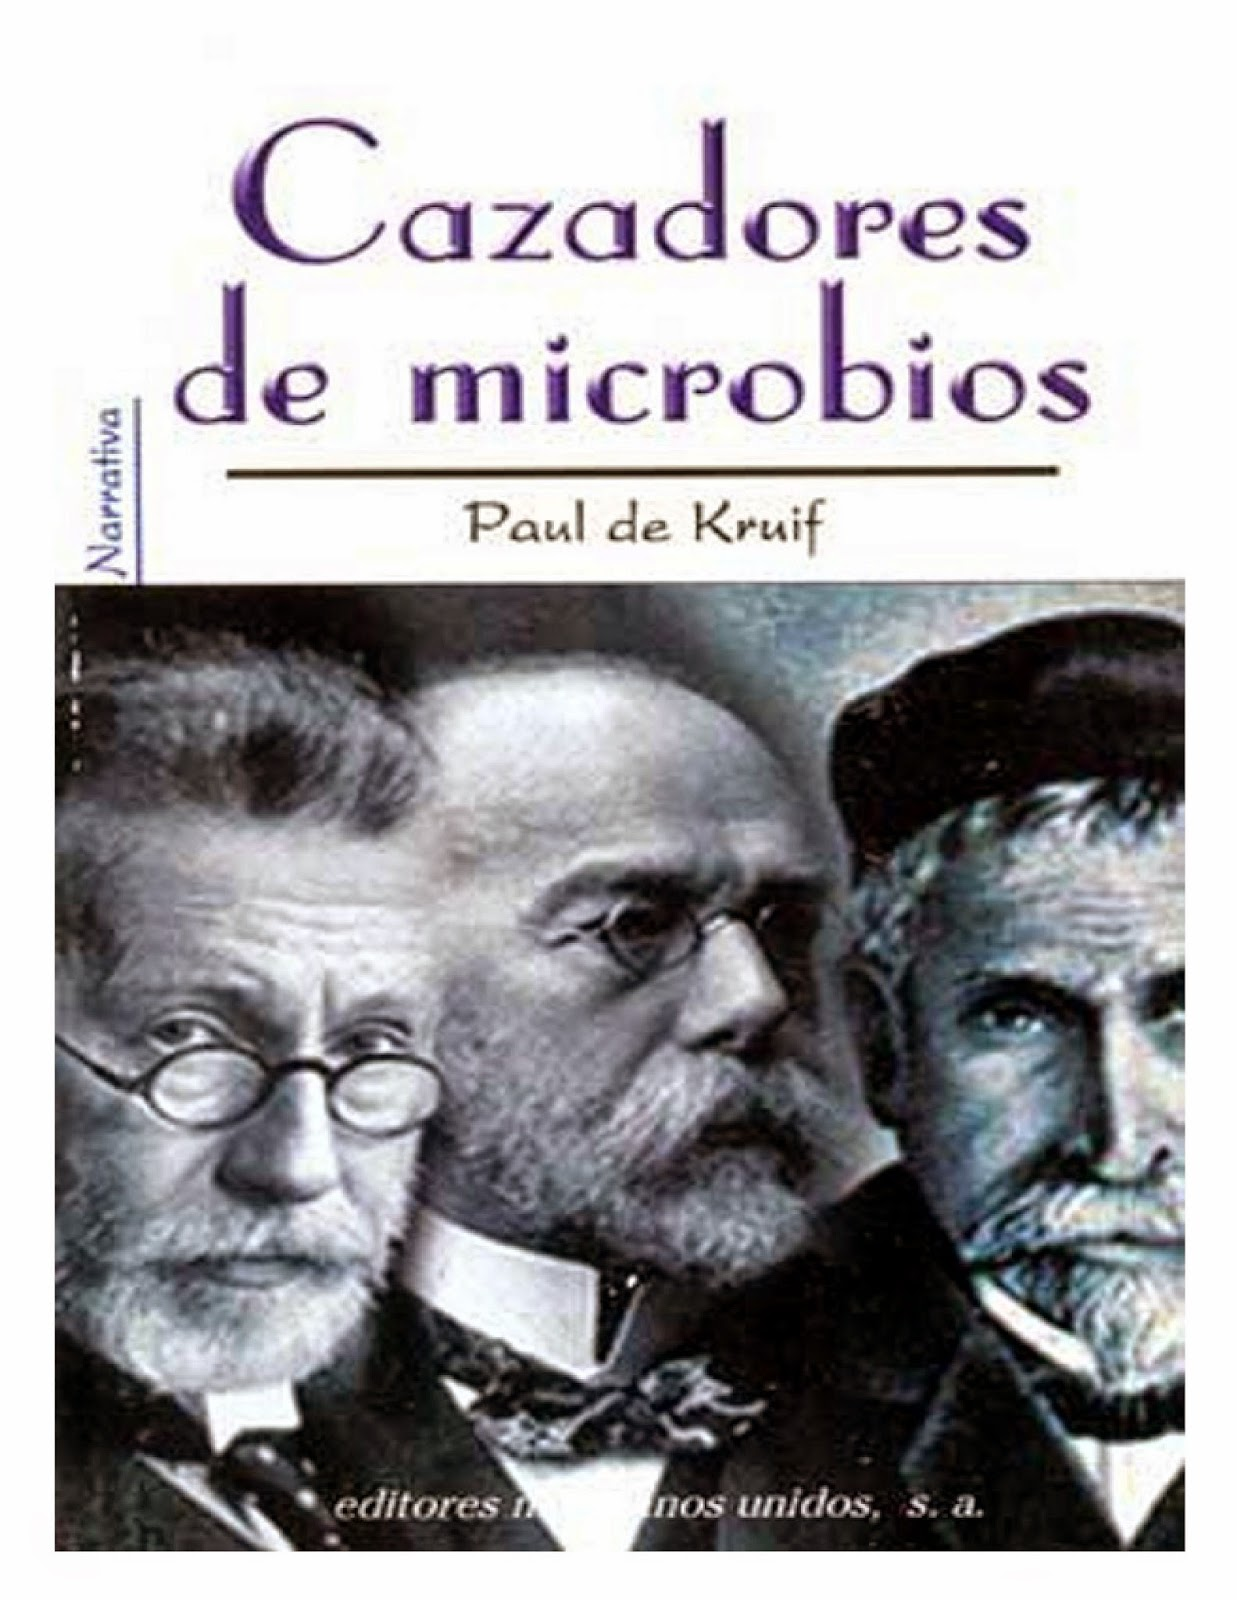 Los cazadores de microbios de paul de kruif es un ameno interesante y entretenido libro sobre los microbios una historia que comienza en palabras de su